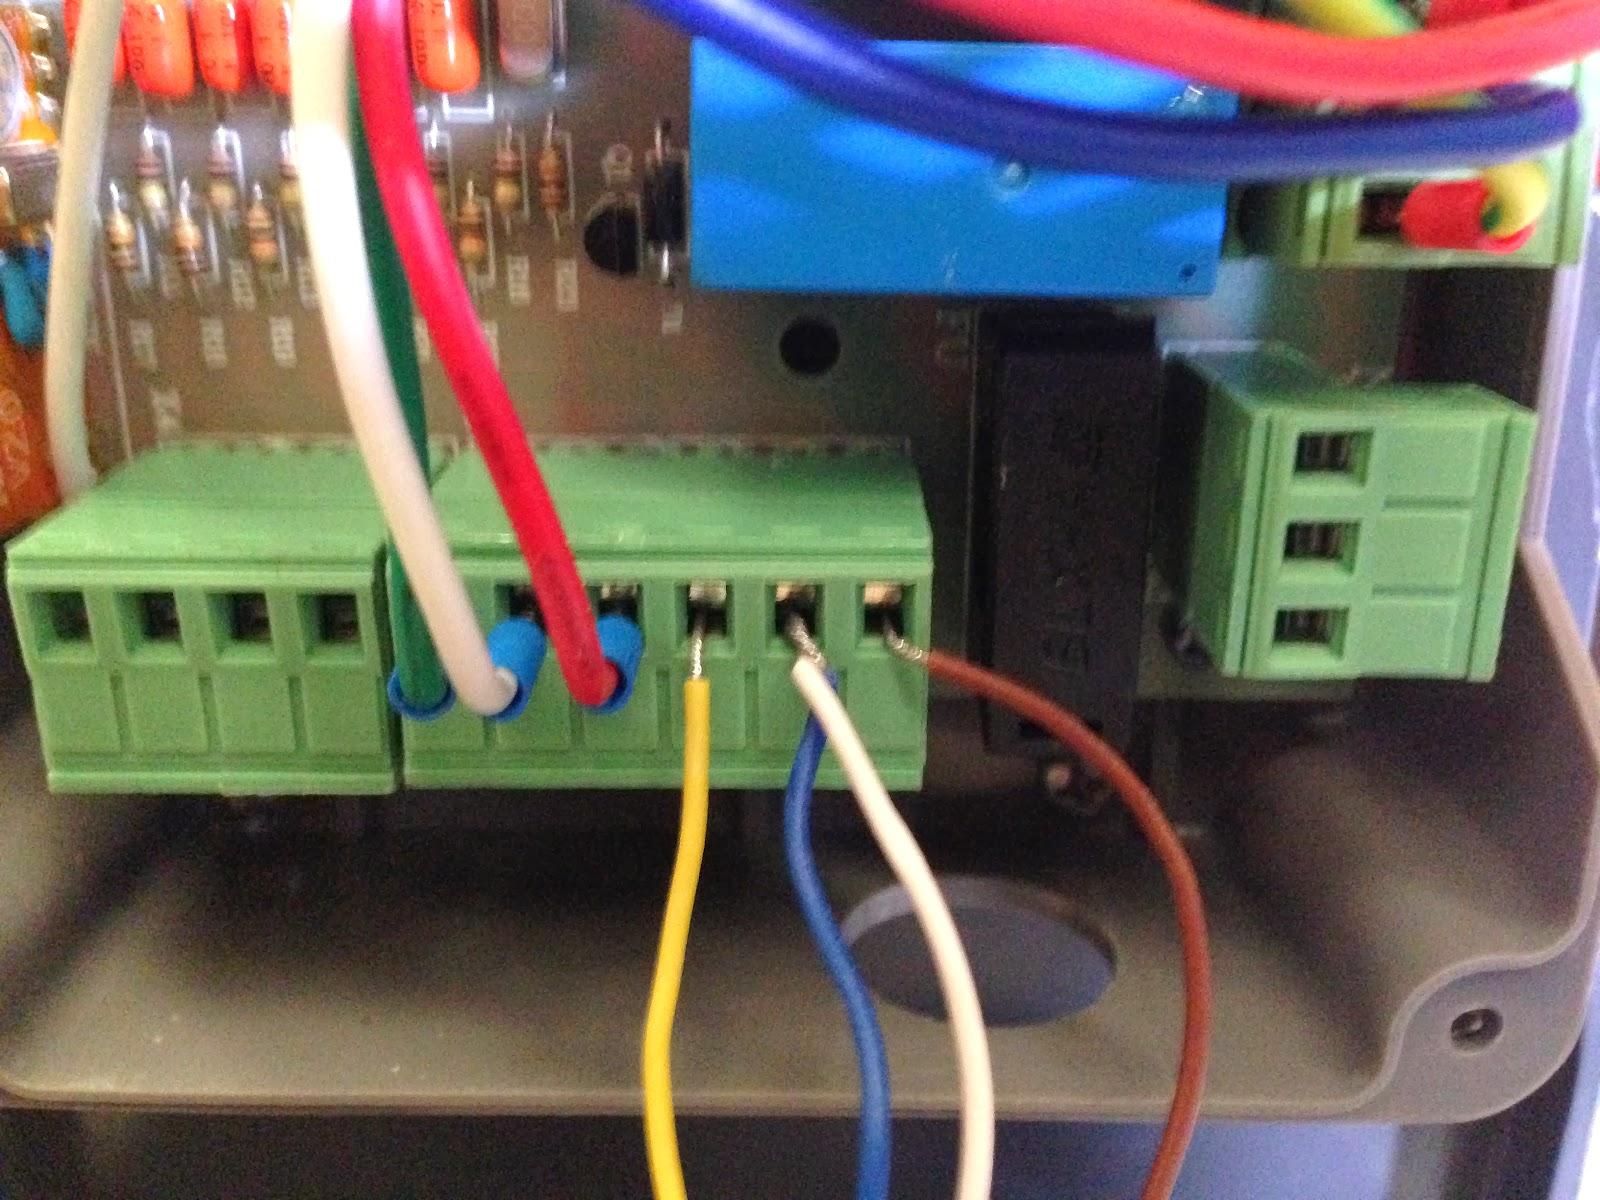 Noticias automateasy como conectar fotocelula de espejo for Como instalar un motor de puerta de garaje